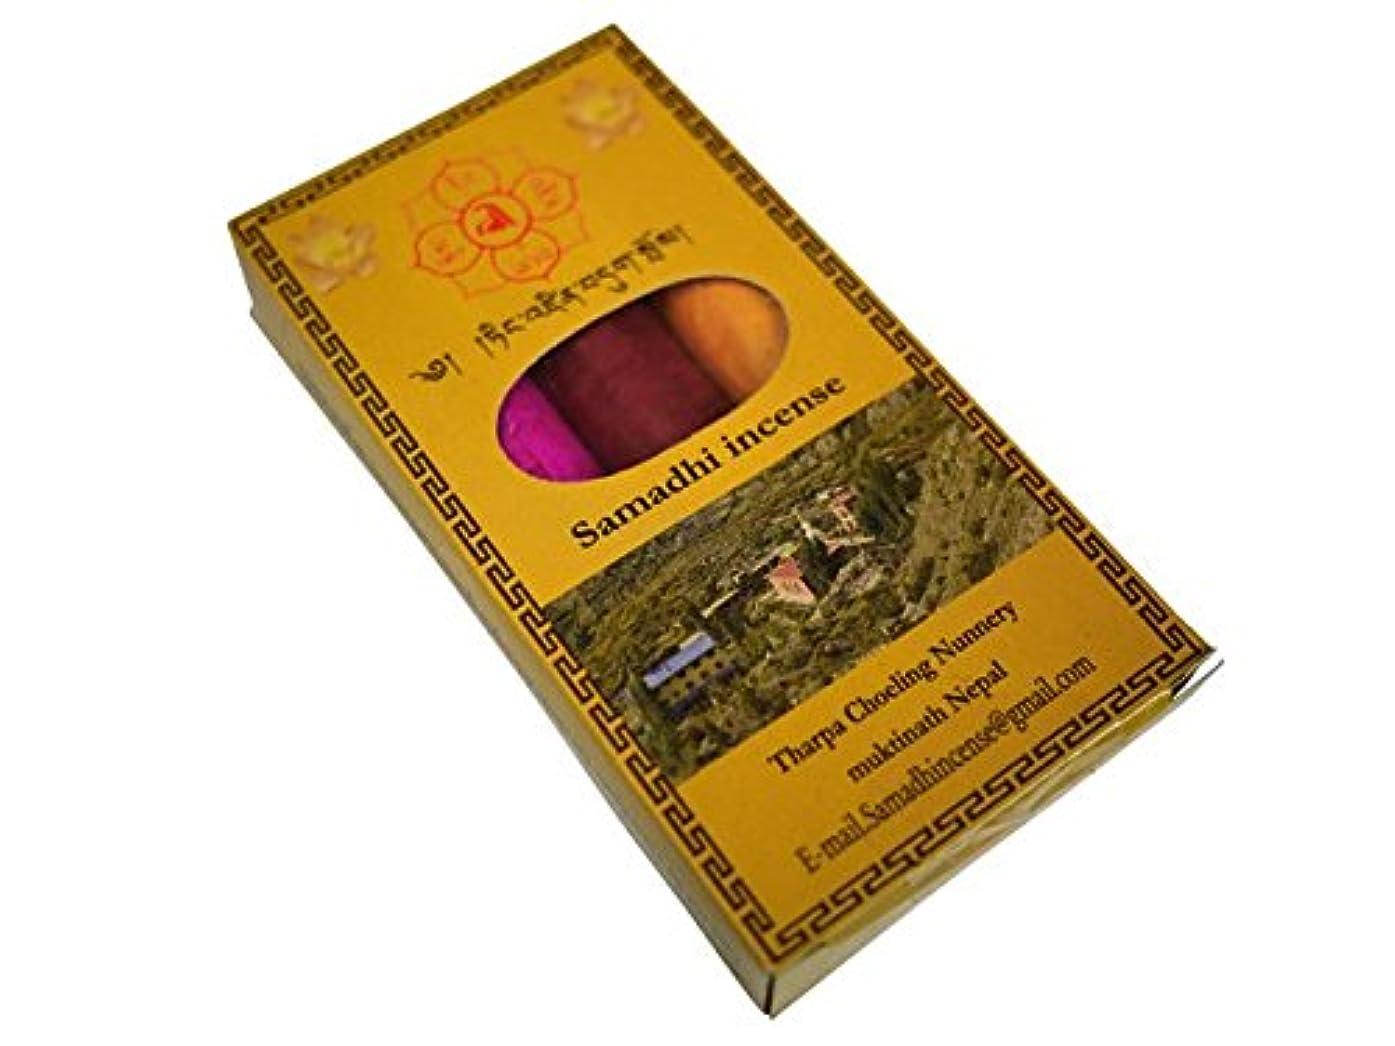 リラックスした本質的ではない薄暗いタルパチョリンナニー チベット仏教寺院タルパチョリンナニーのお香【Samadhi3in1】